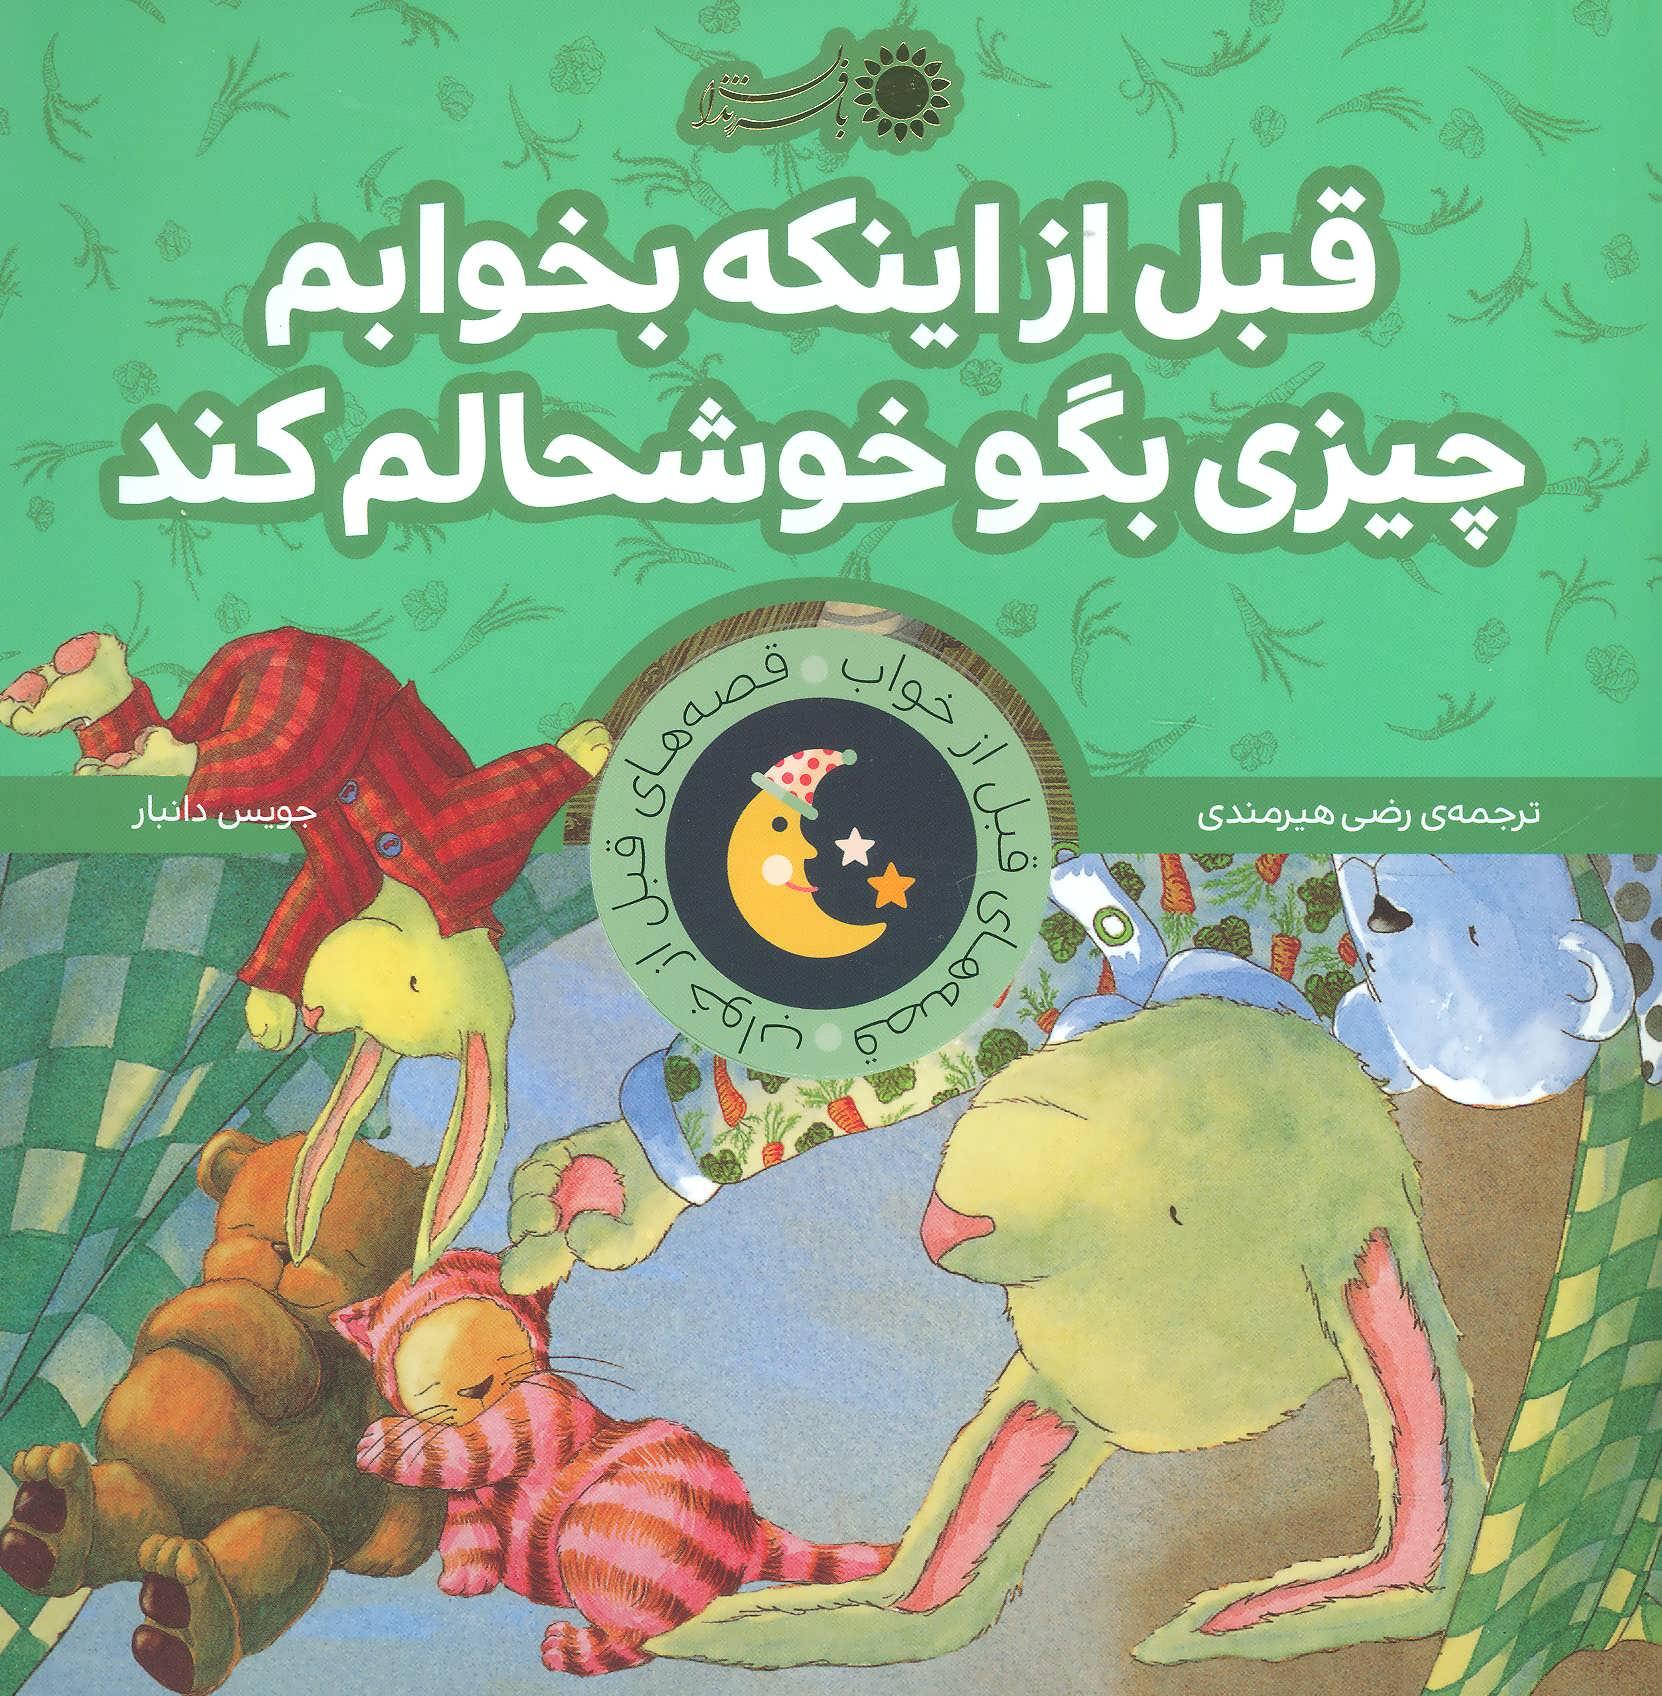 قصه های قبل از خواب 6 (قبل از اینکه بخوابم چیزی بگو خوشحالم کند)